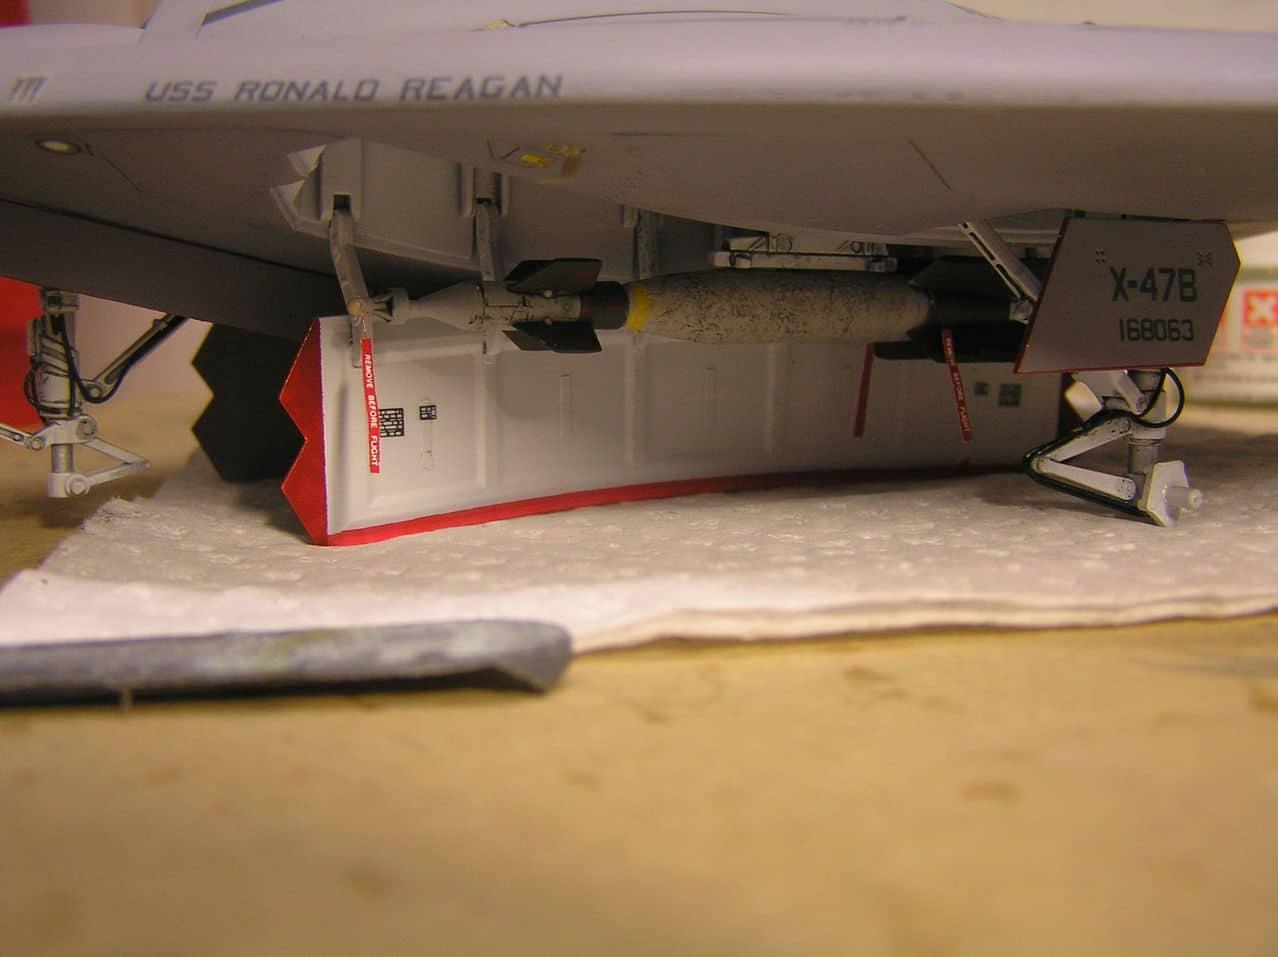 Χ-47Β  1/48...και τα μυαλα στα καγκελα!!! - Σελίδα 2 P1010001_3